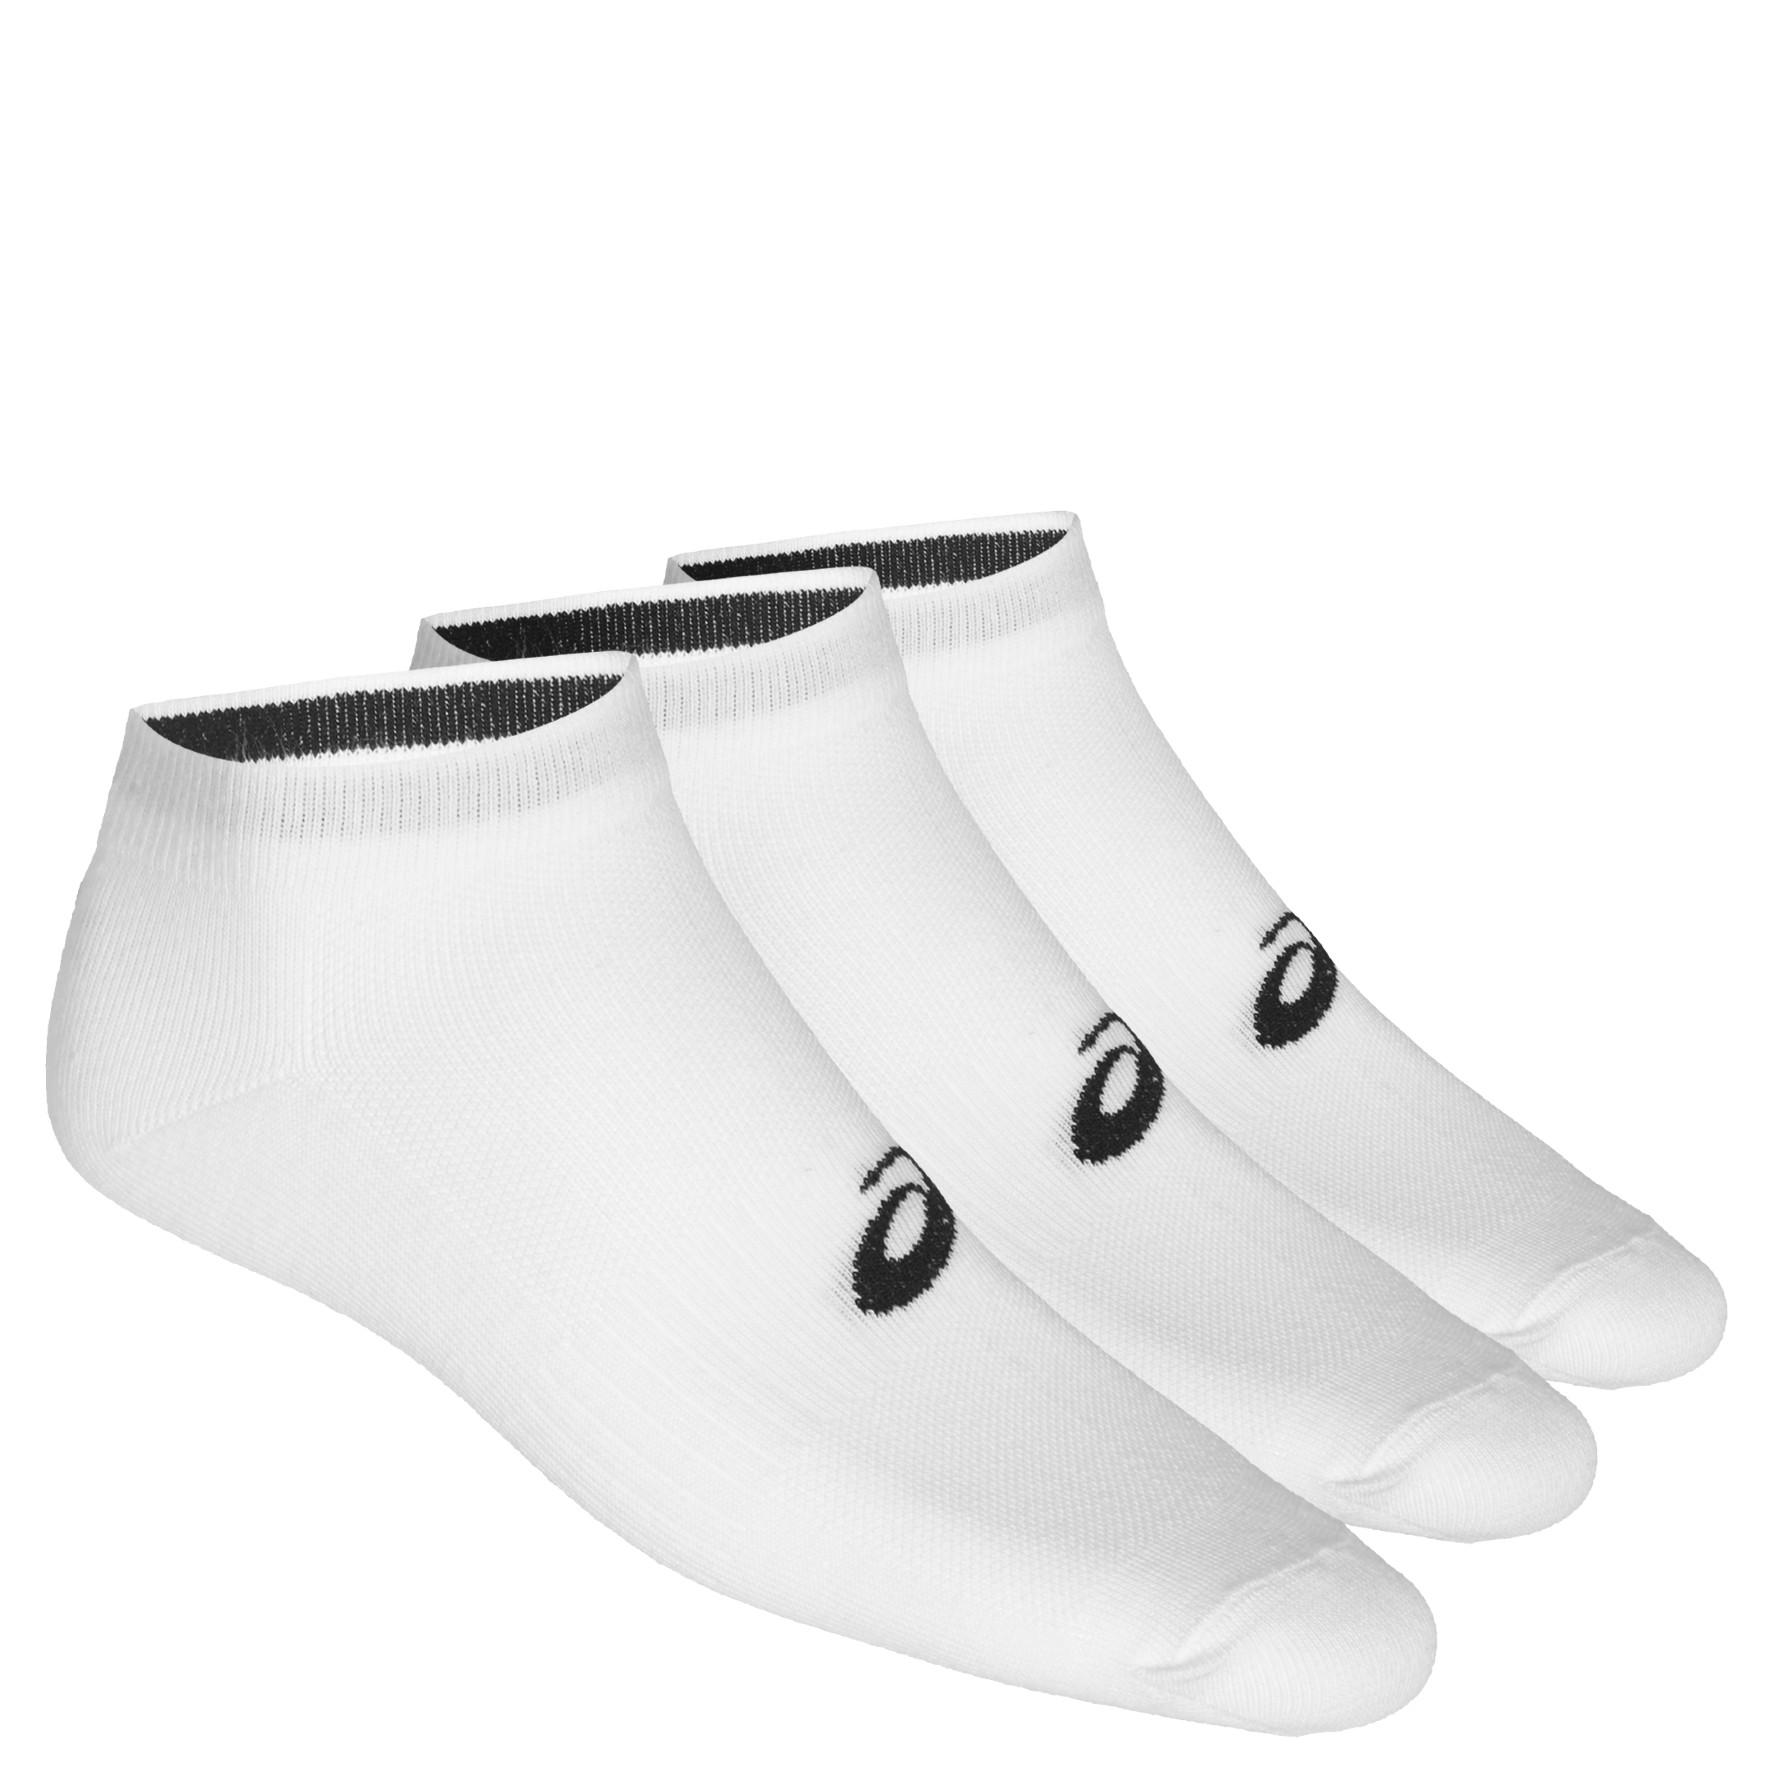 2019 Asics 3PPK White Ped Socks